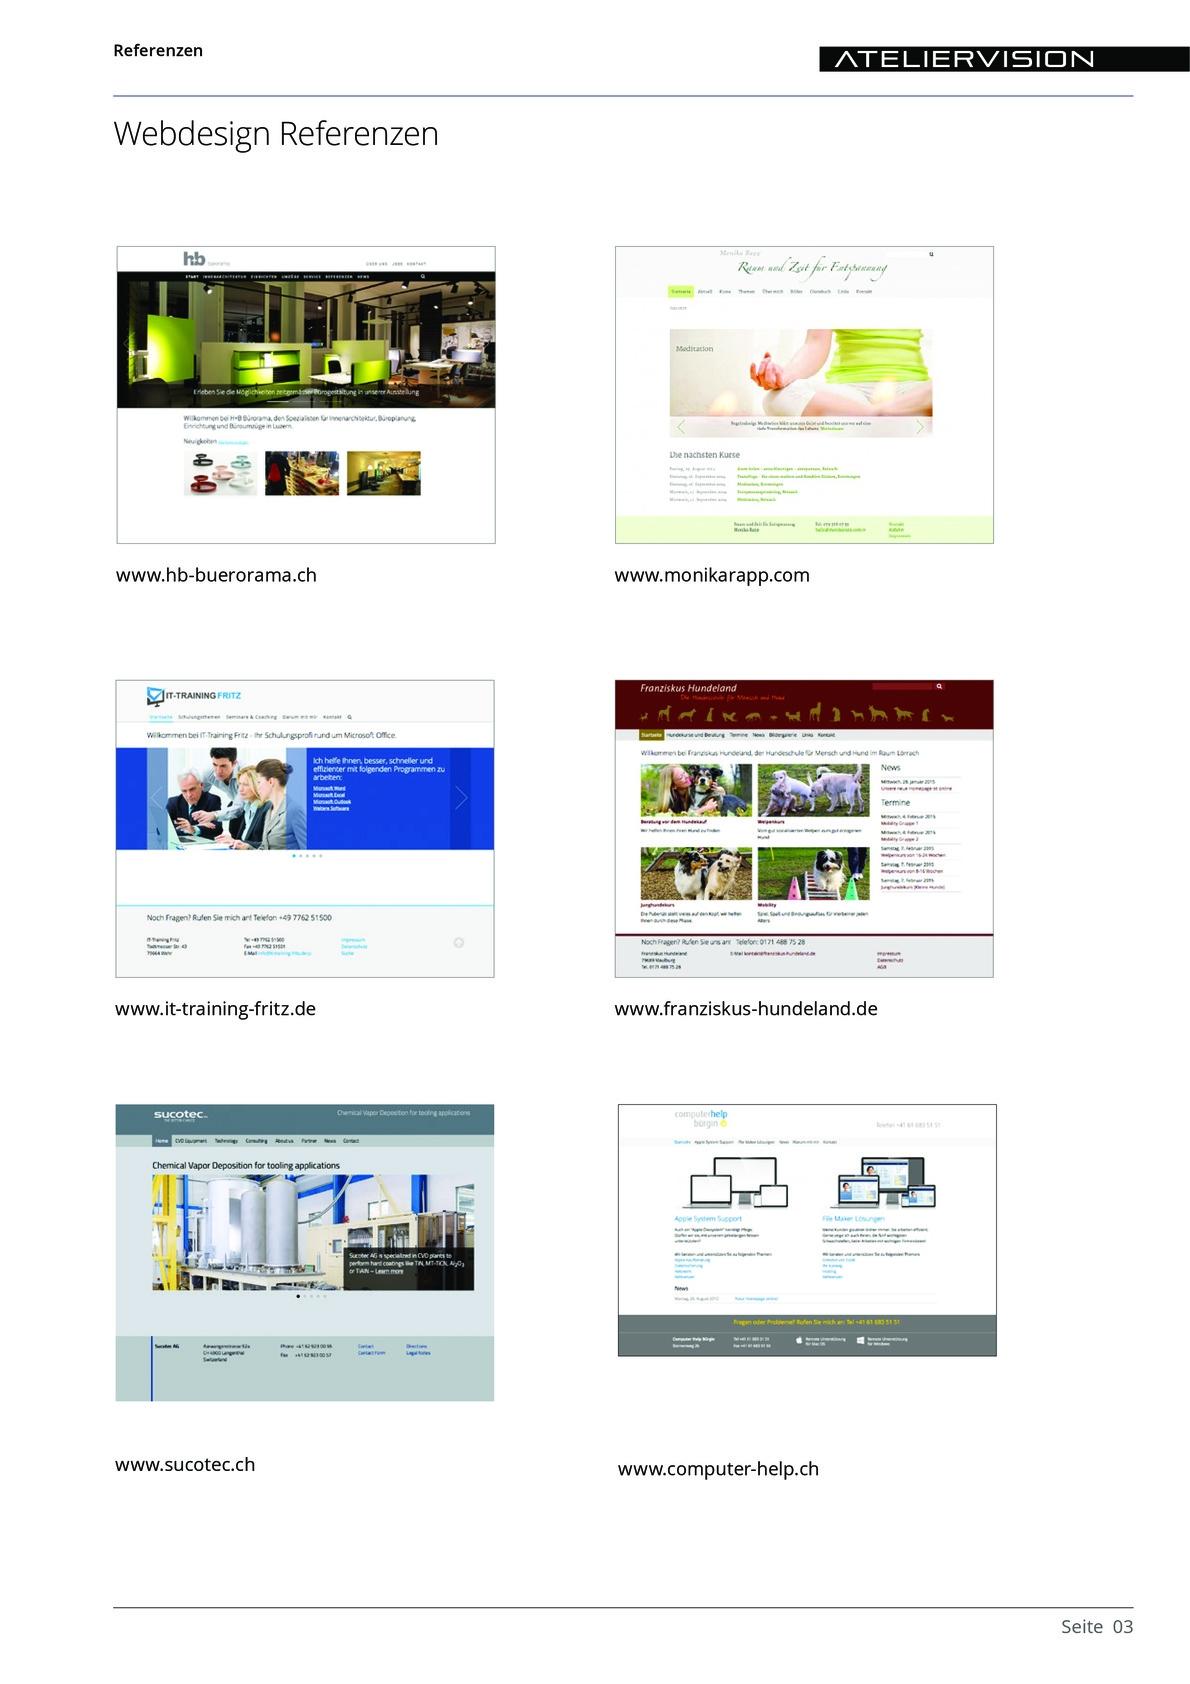 ATELIERVISION Referenzen aus PDF Datei Overview 3